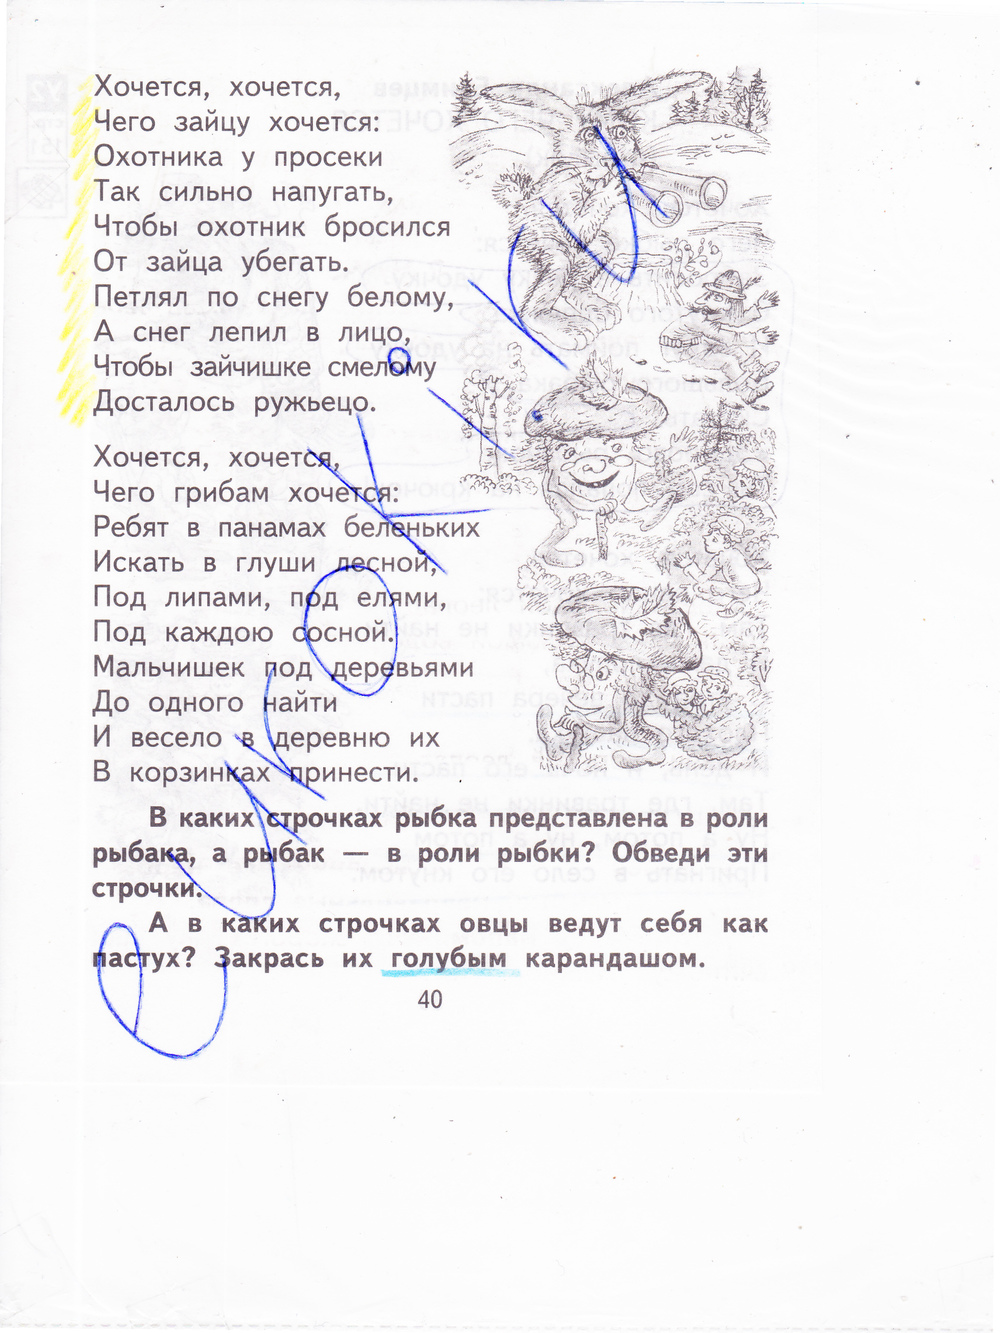 Тетрадь класс чтению часть малаховская рабочая 2 по гдз 2 литературному